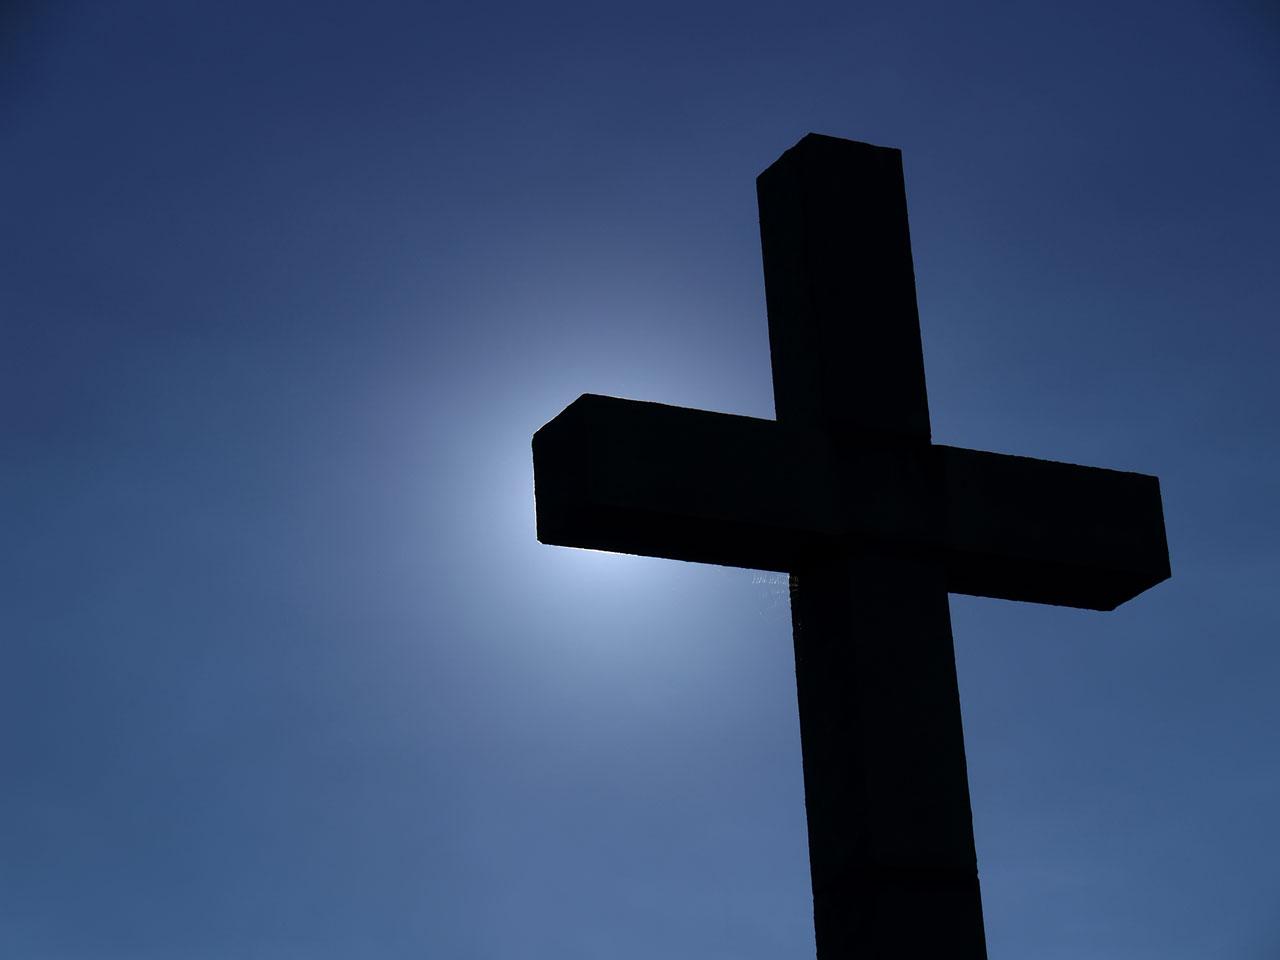 картинки всех крестов день рожденья будет